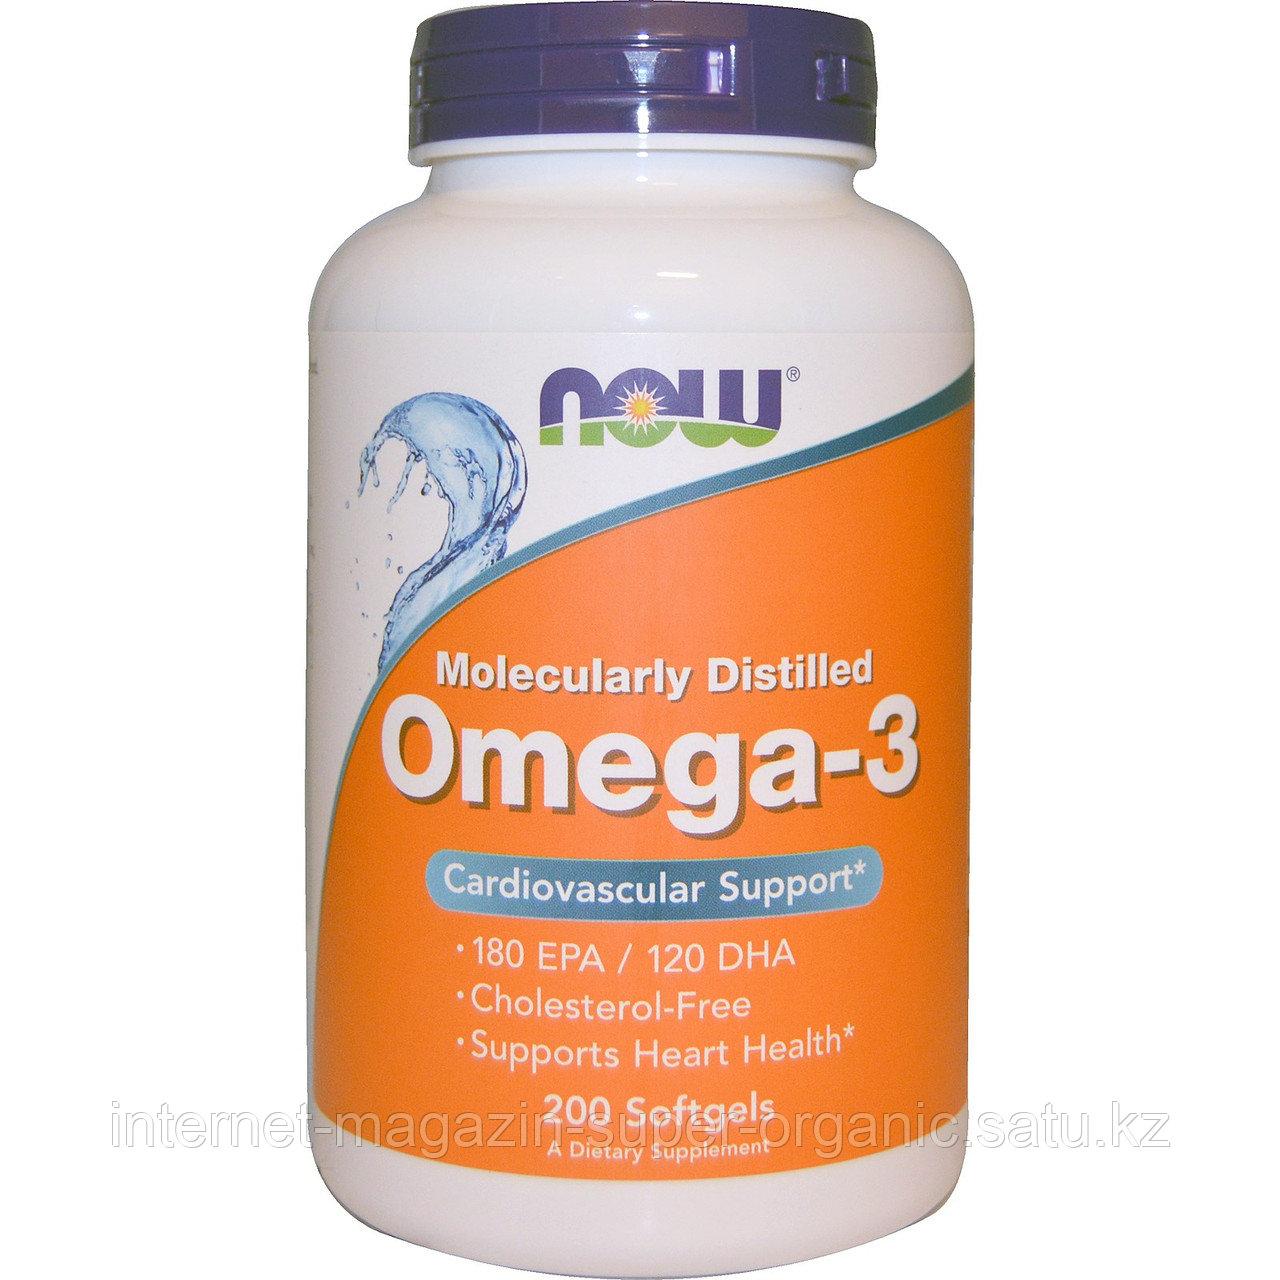 Омега 3, рыбий жир, 200 капсул, 180 ЭПК / 120 ДГК, Omega-3